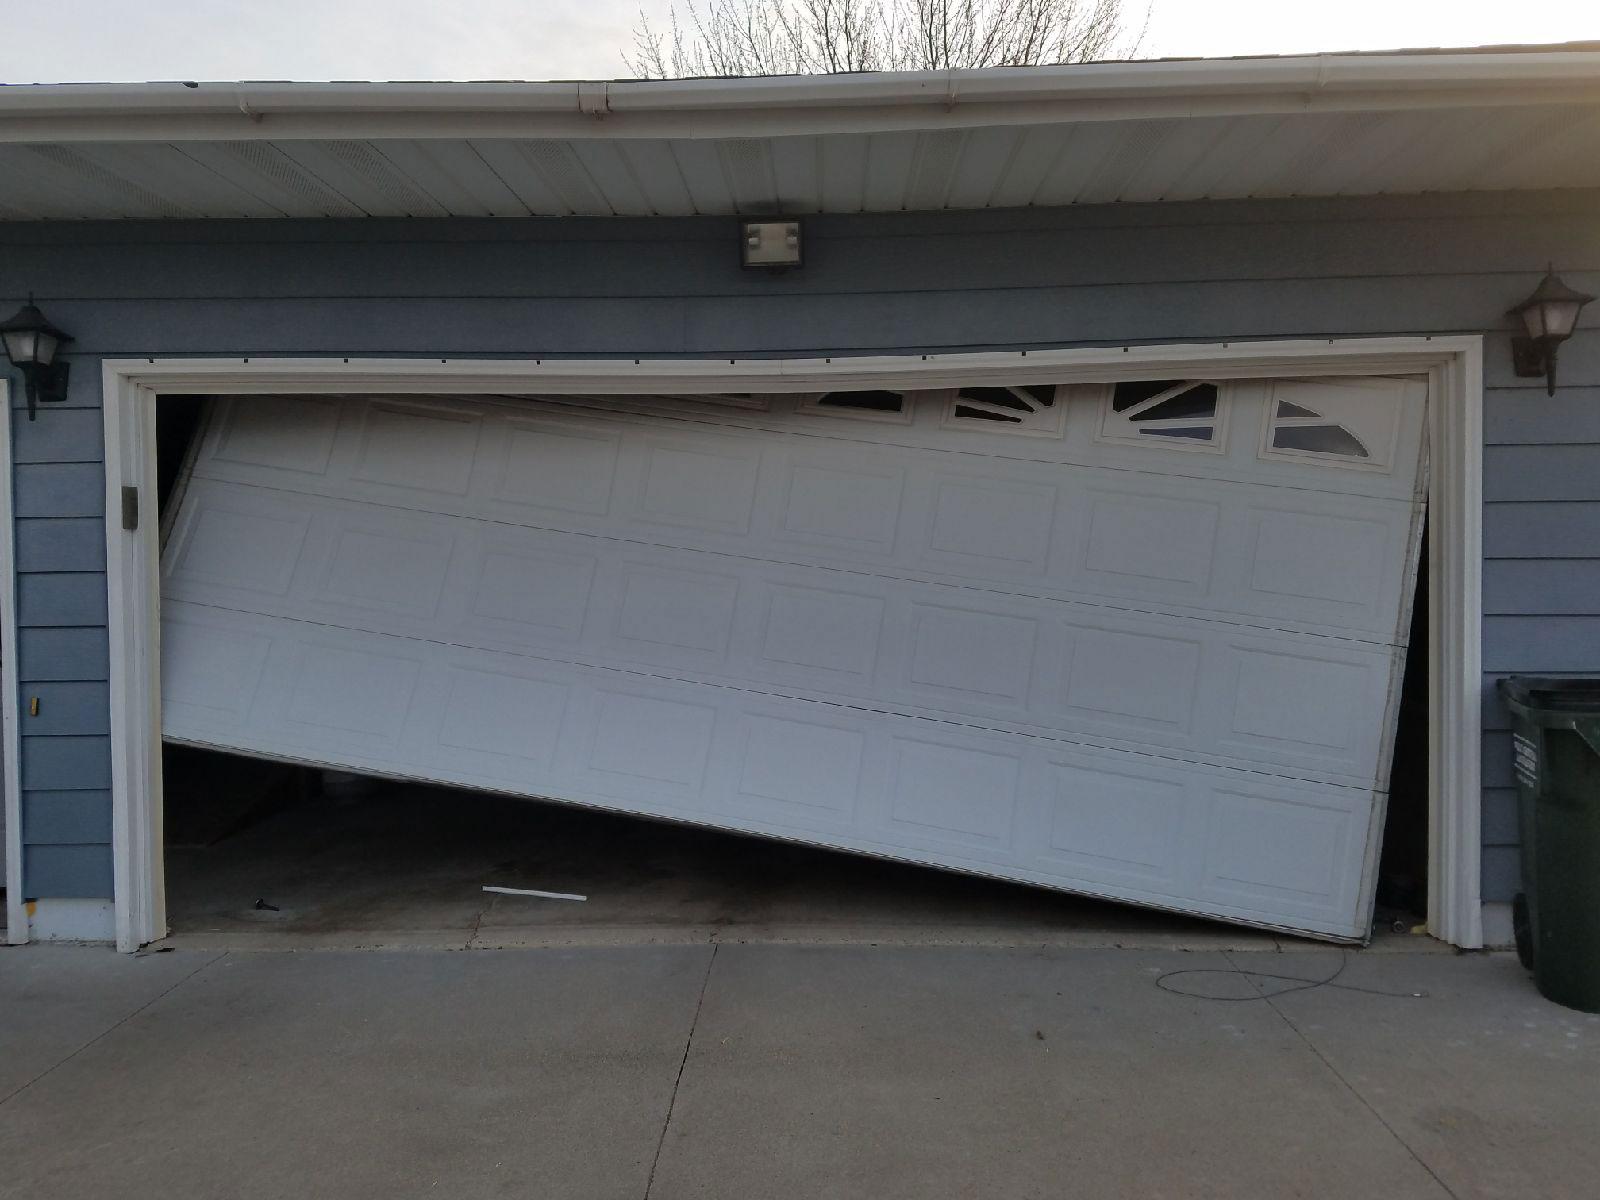 Crashed garage door with a bent track